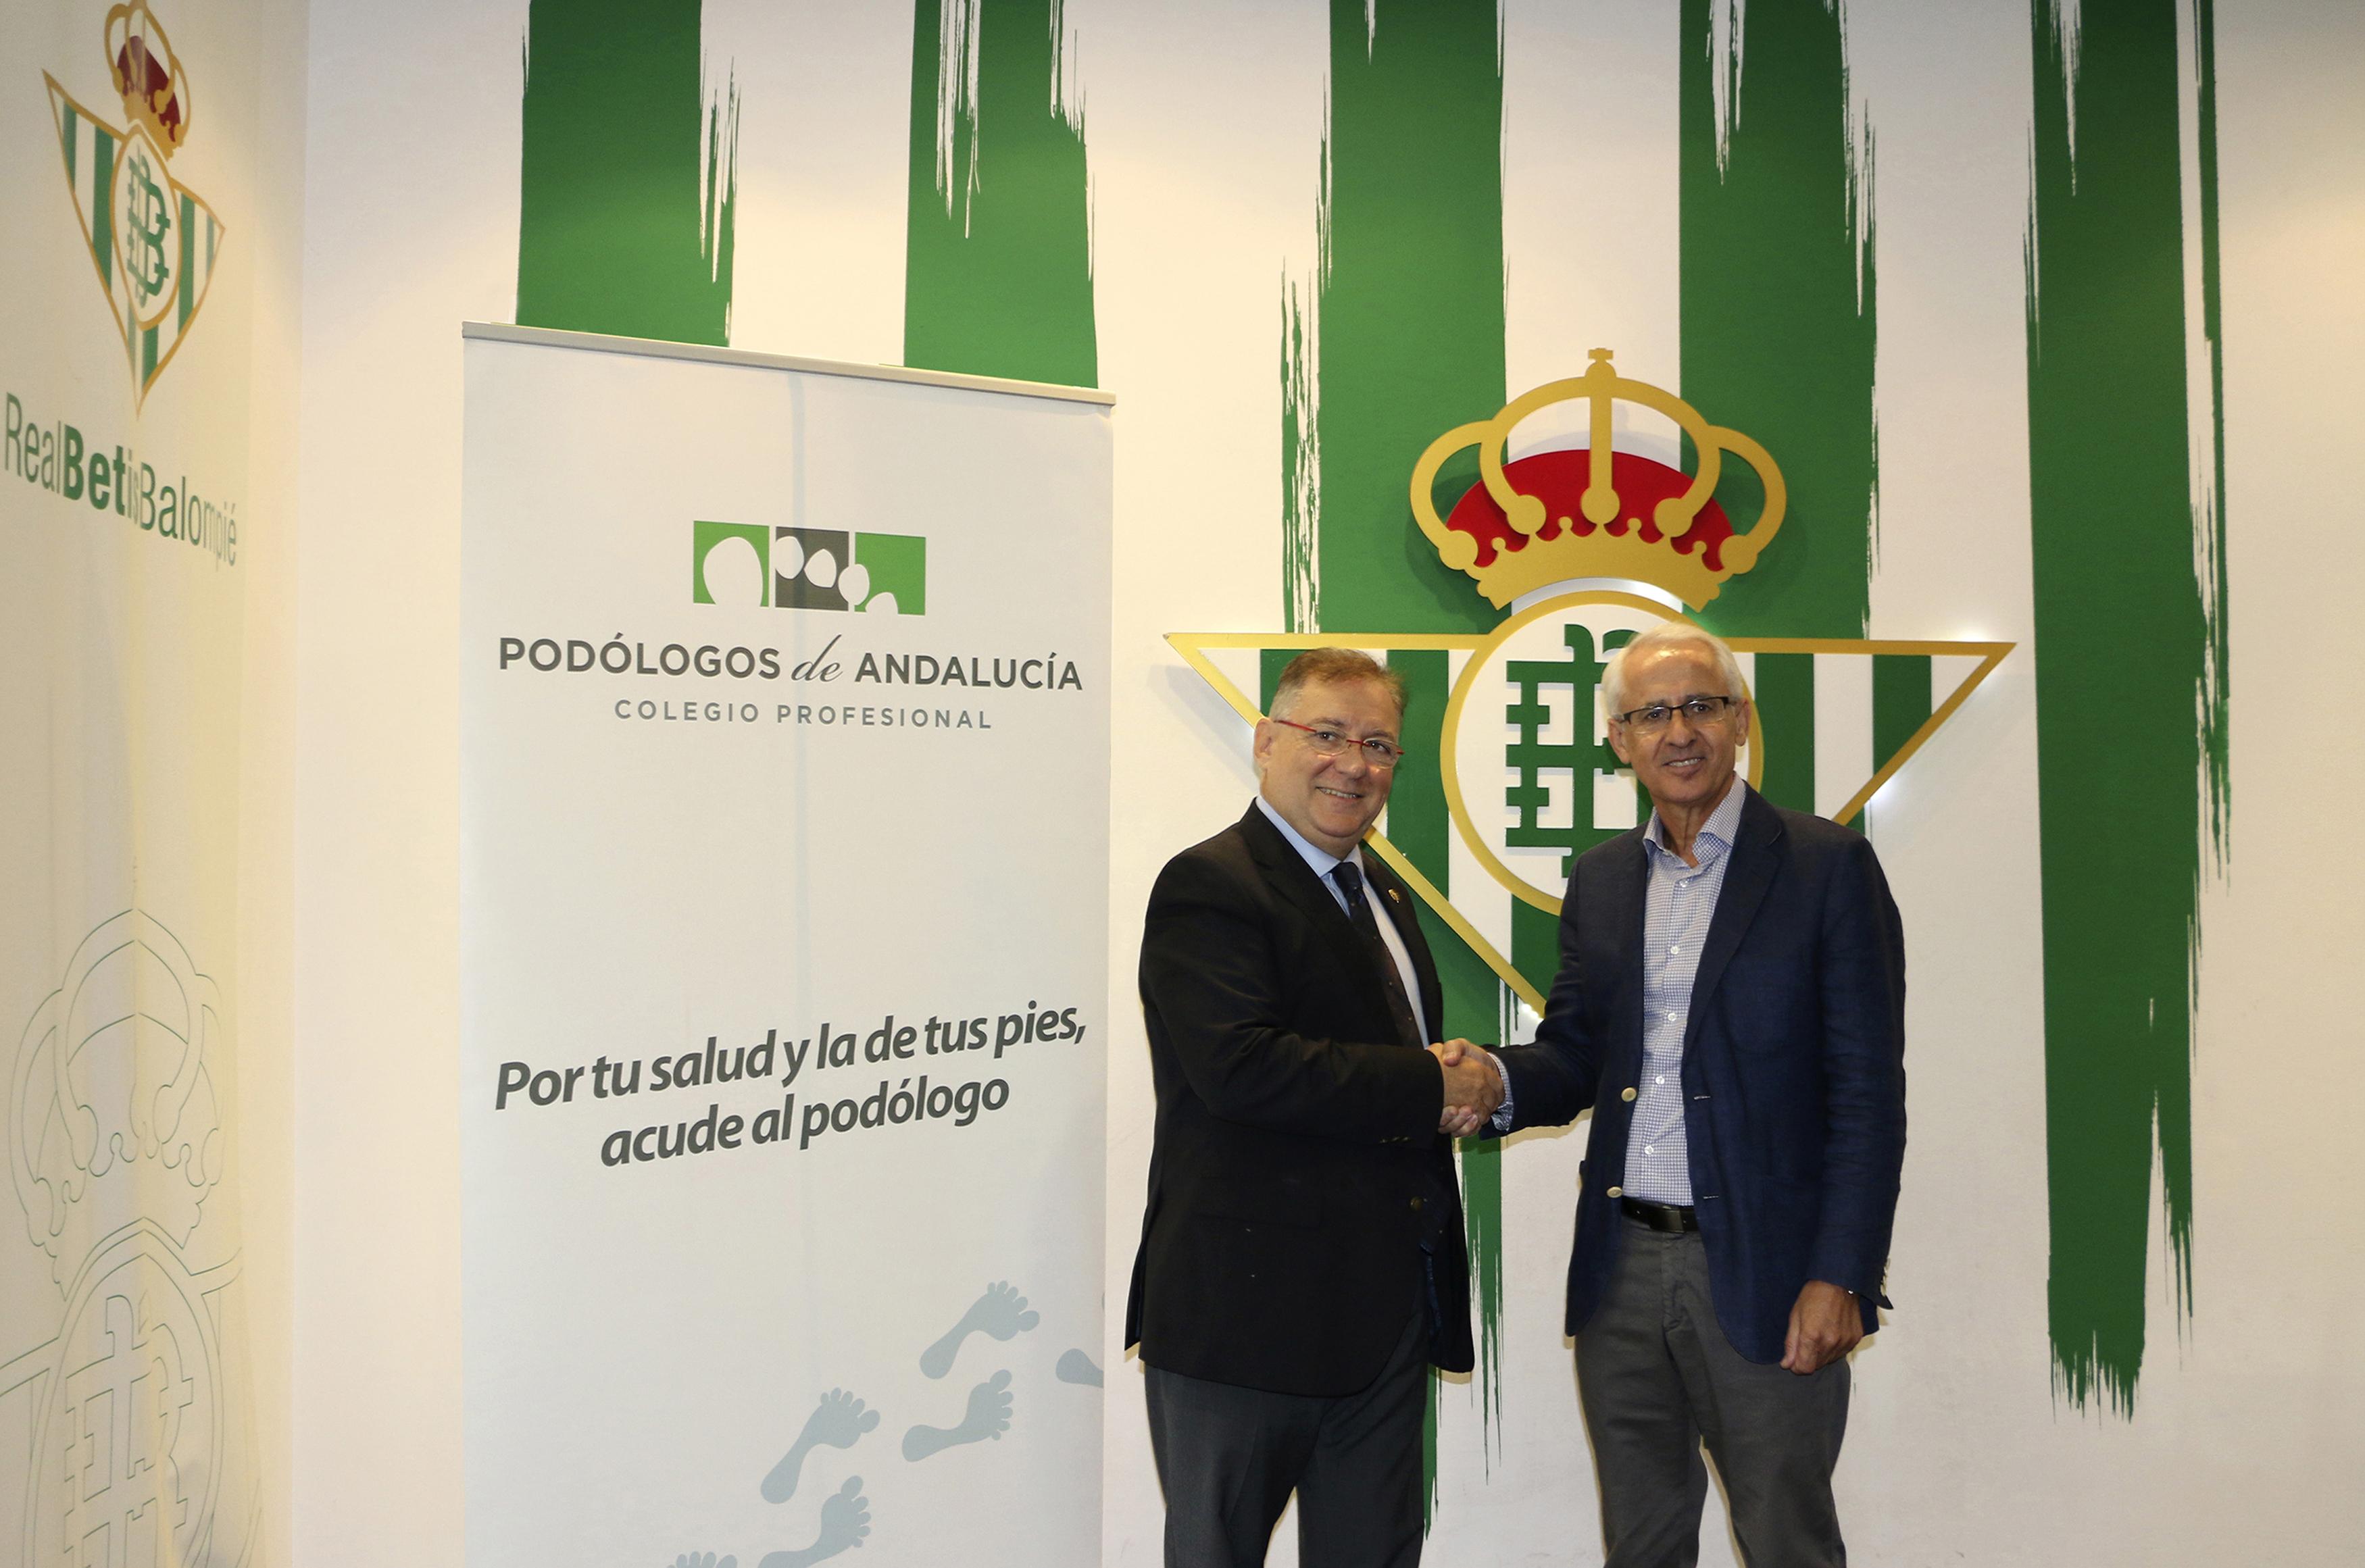 Nota prensa. El Colegio Profesional de Podólogos de Andalucía firma un convenio de colaboración con Real Betis Balompié